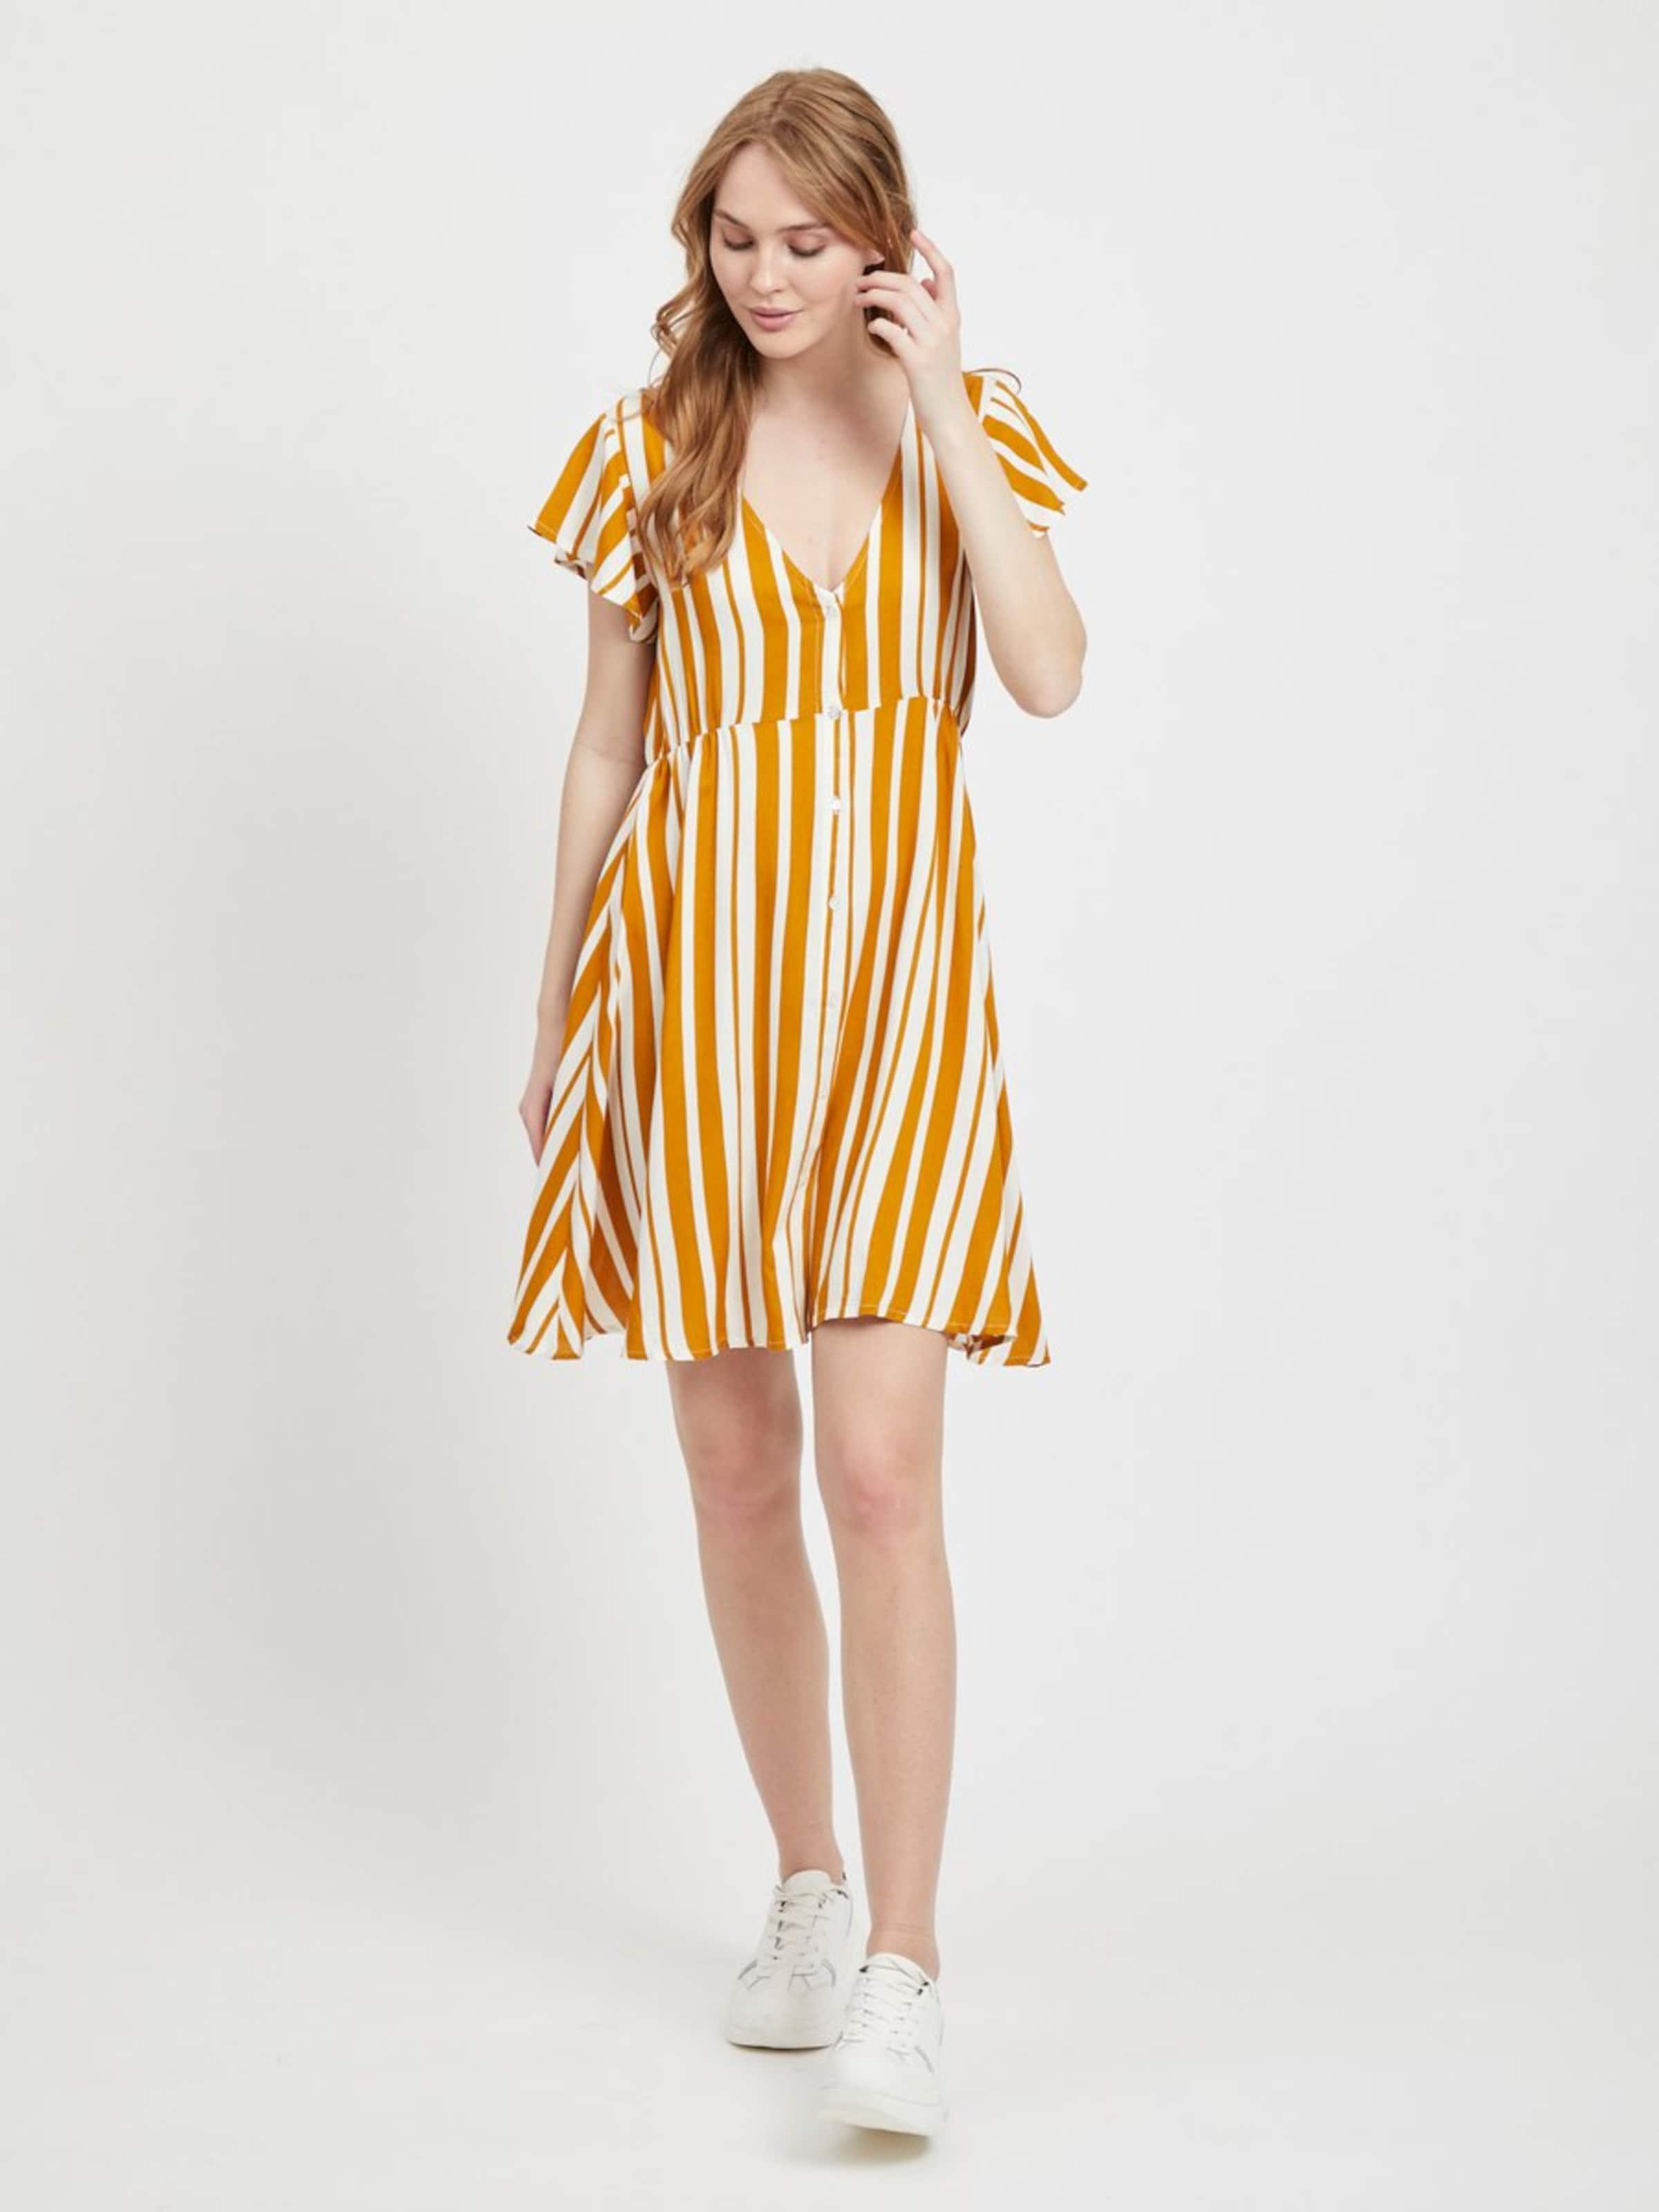 En D'été Object Robe D'été Robe OrangeBlanc Object vmNw8n0